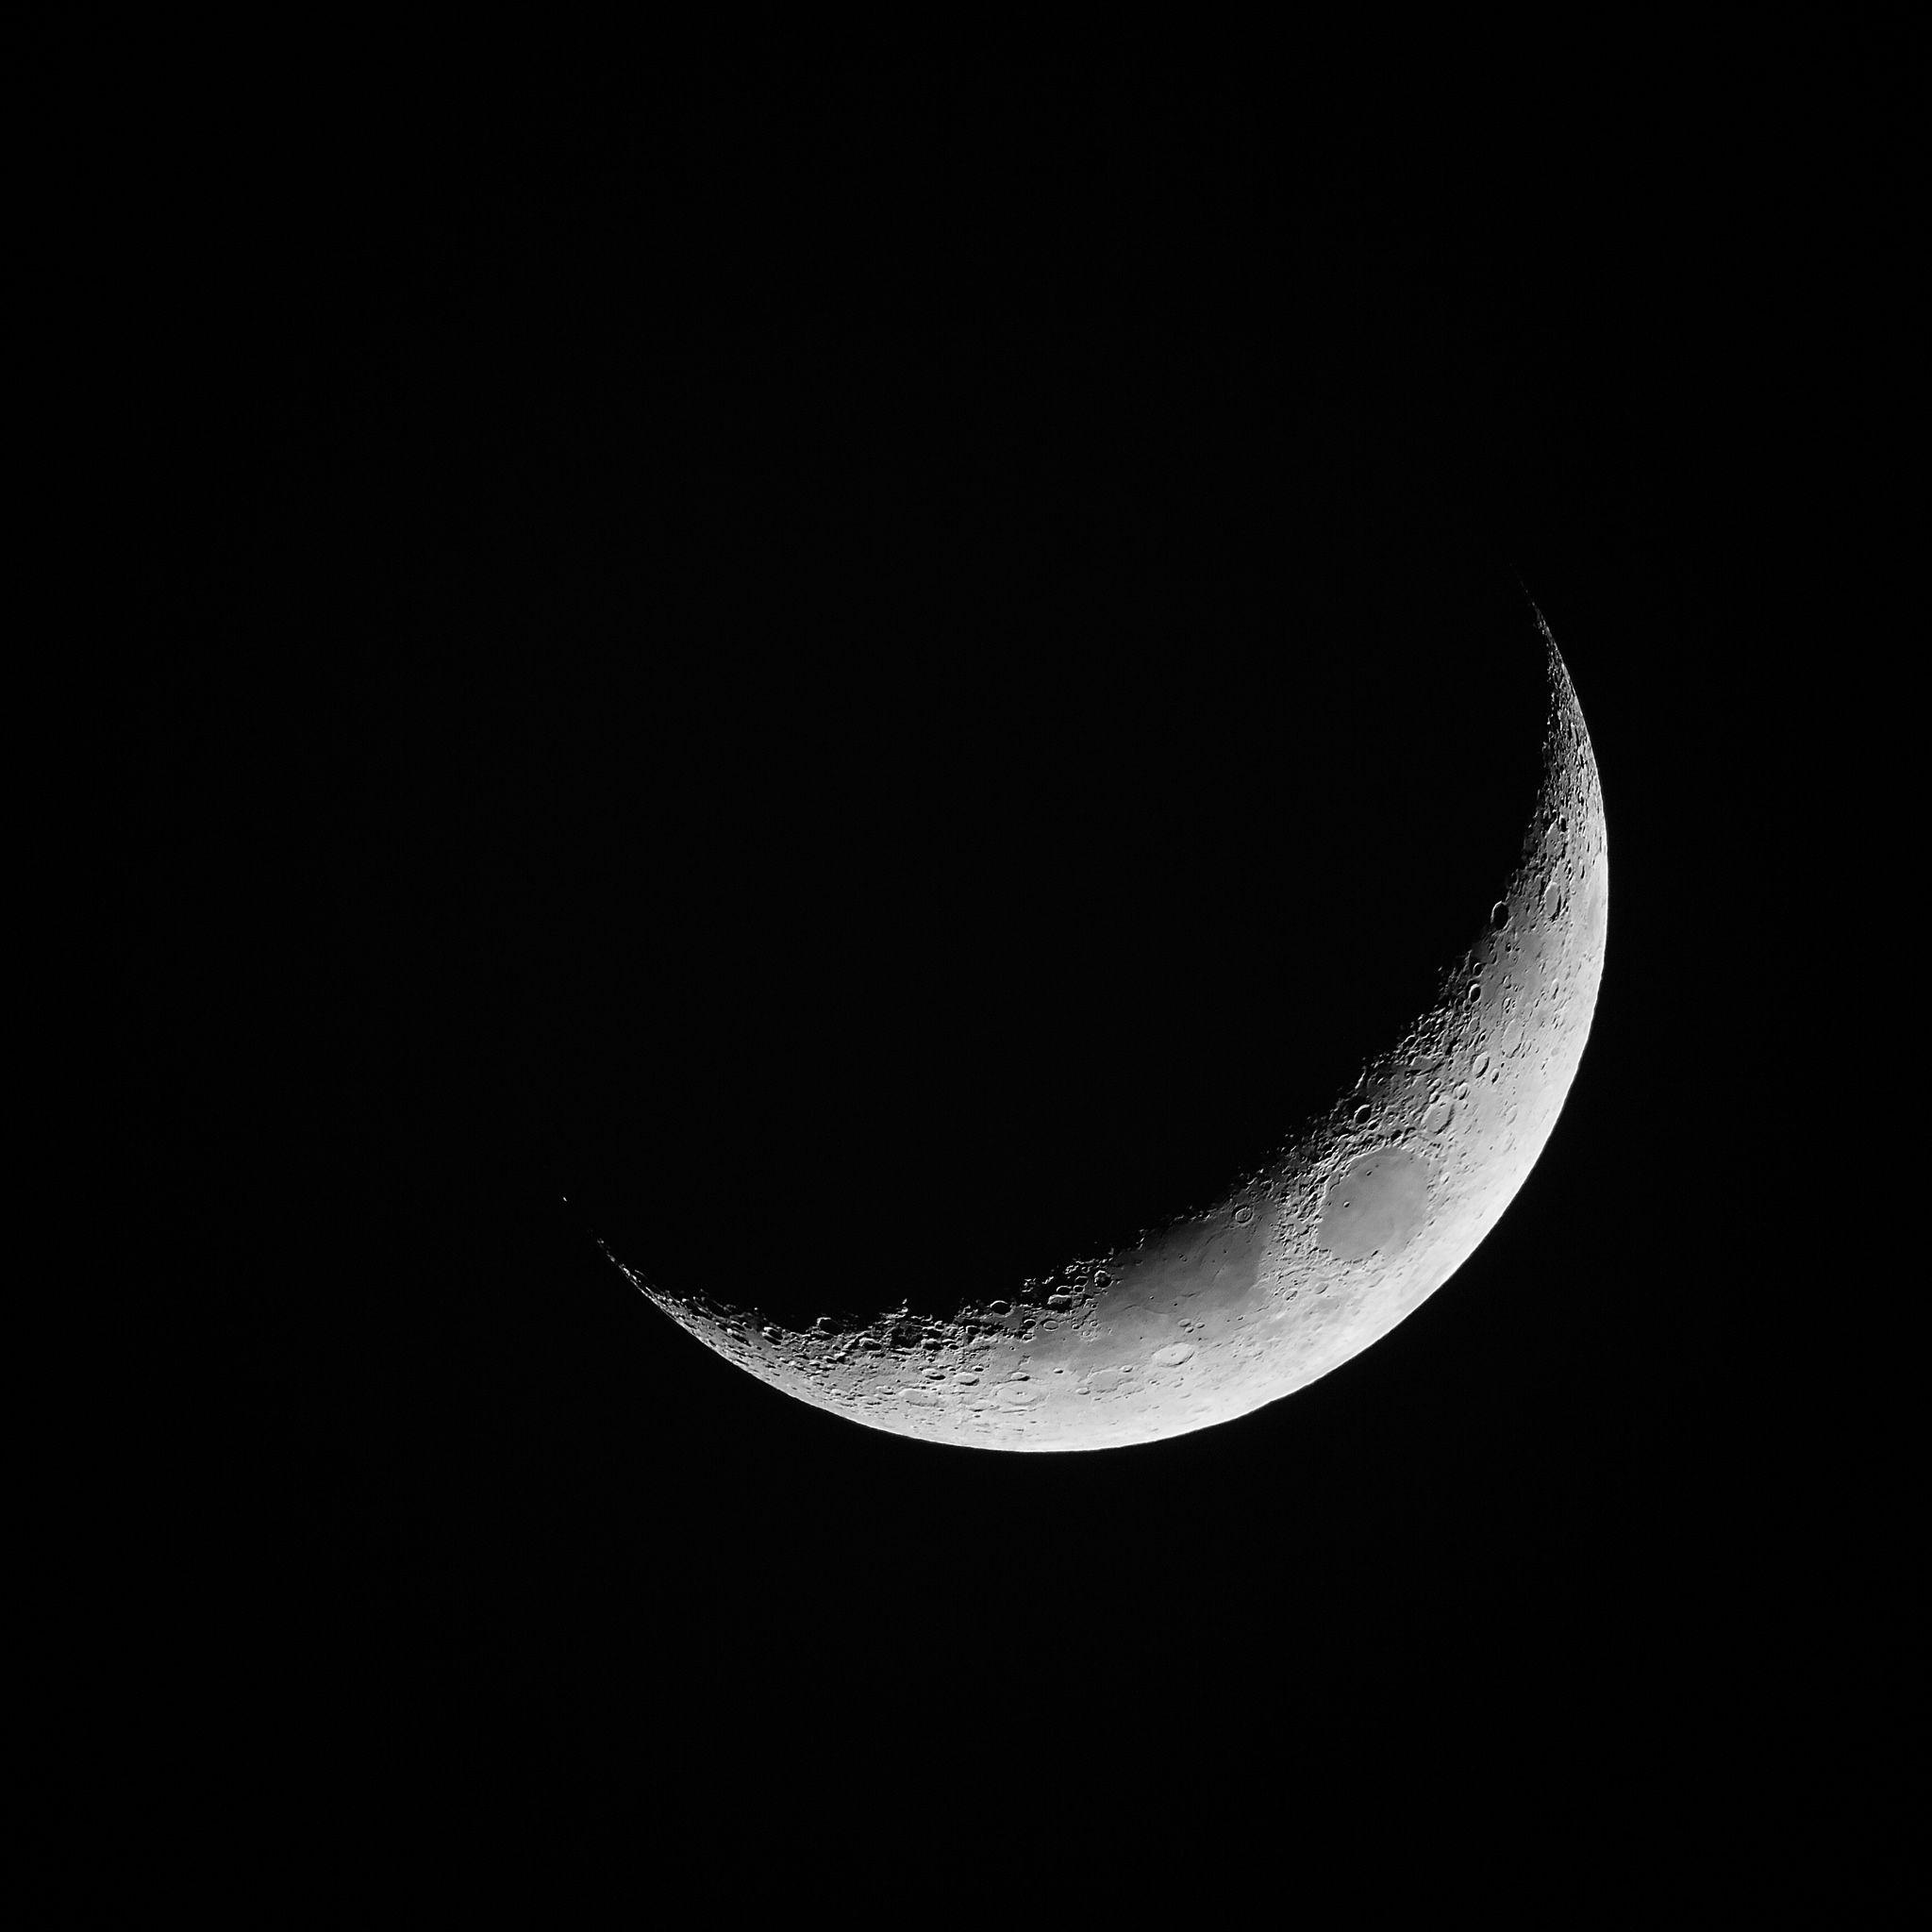 Croissant De Lune Crescent Moon Crescent Moon Moon Croissant